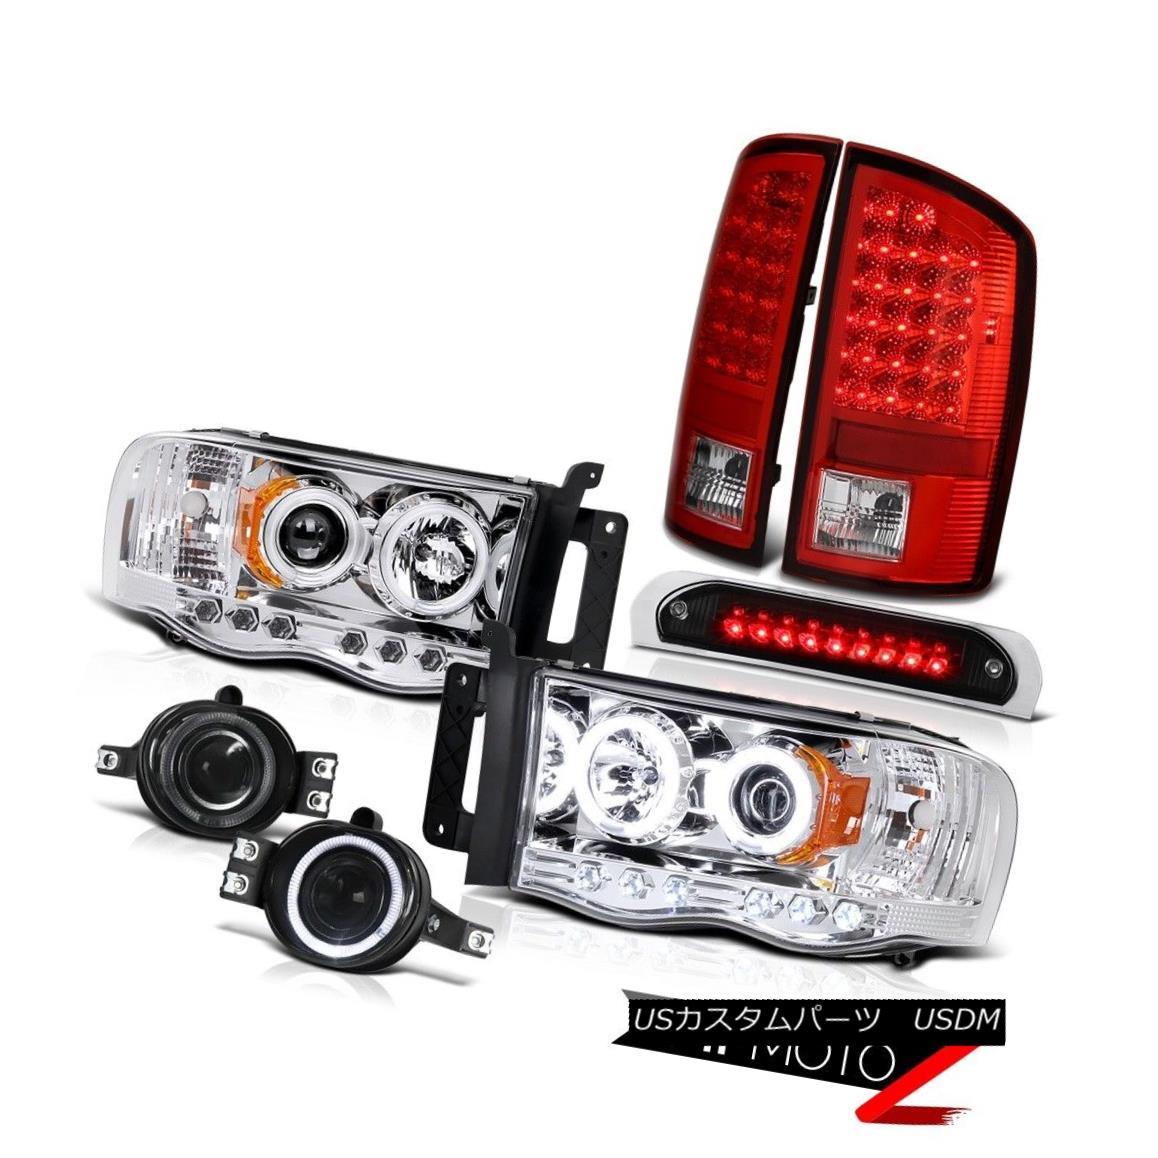 大きな取引 テールライト V8 CCFL Ring Headlamps Red Brake LED Taillights Foglights Brake Headlamps 02 03 04 05 Ram Magnum V8 CCFLリングヘッドランプ赤色LED灯台Foglights Brake 02 03 04 05 Ram Magnum V8, 印鑑はんこ@ハンコヤマイスター:7ceaa254 --- esef.localized.me